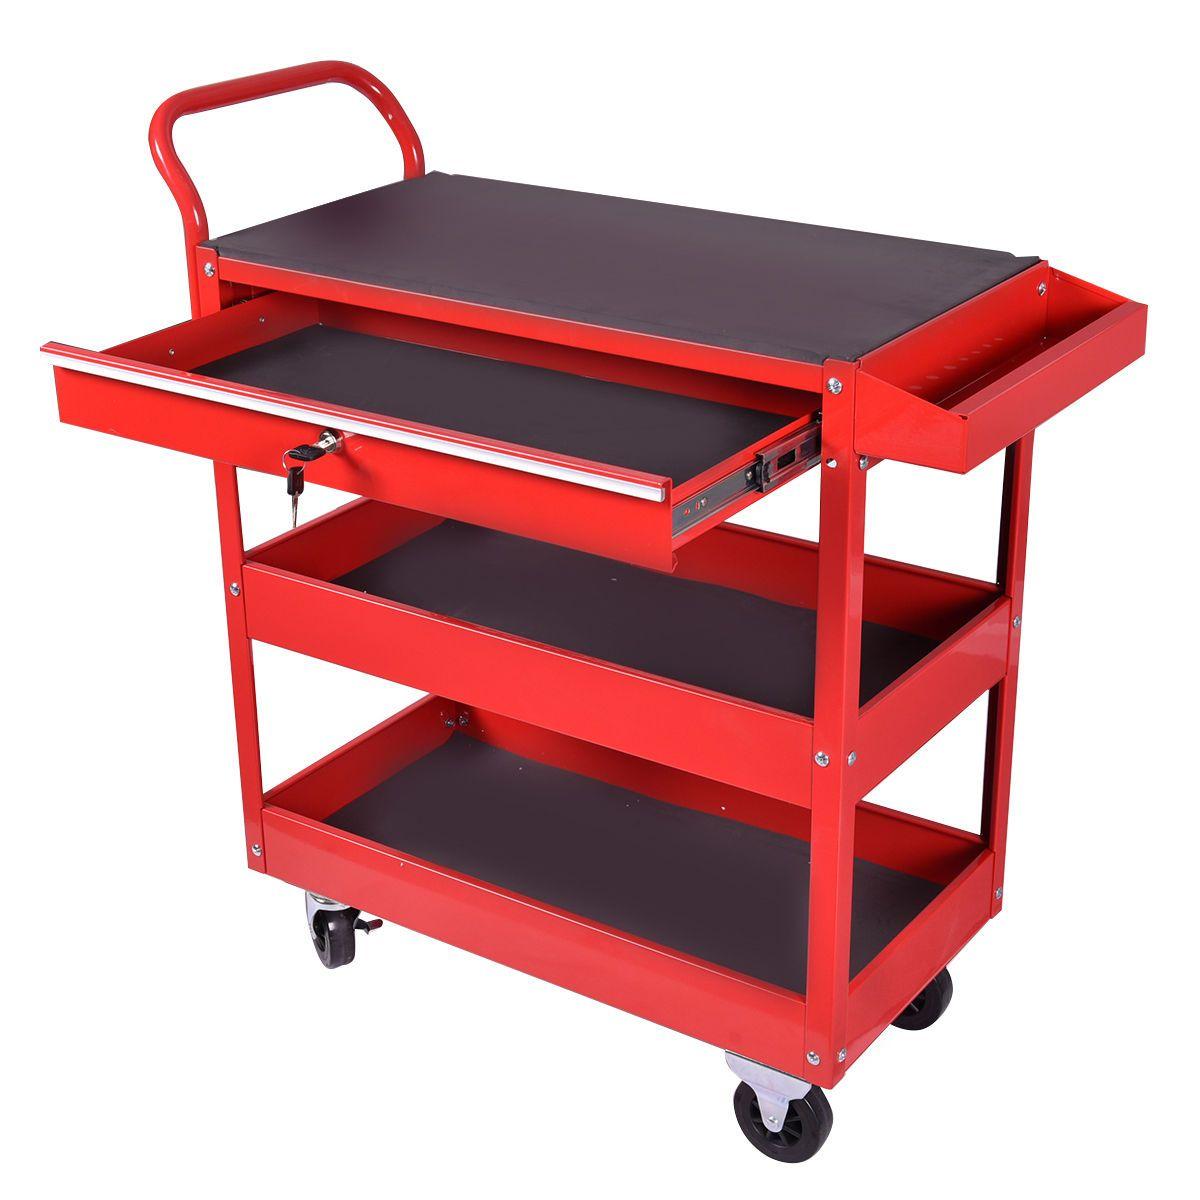 Metal Rolling Tool Cart Storage Chest Box Wheels Storage Trays W Locking Drawer Tool Storage Organization Hardware Accessories Hardwa Mebel Masterskaya